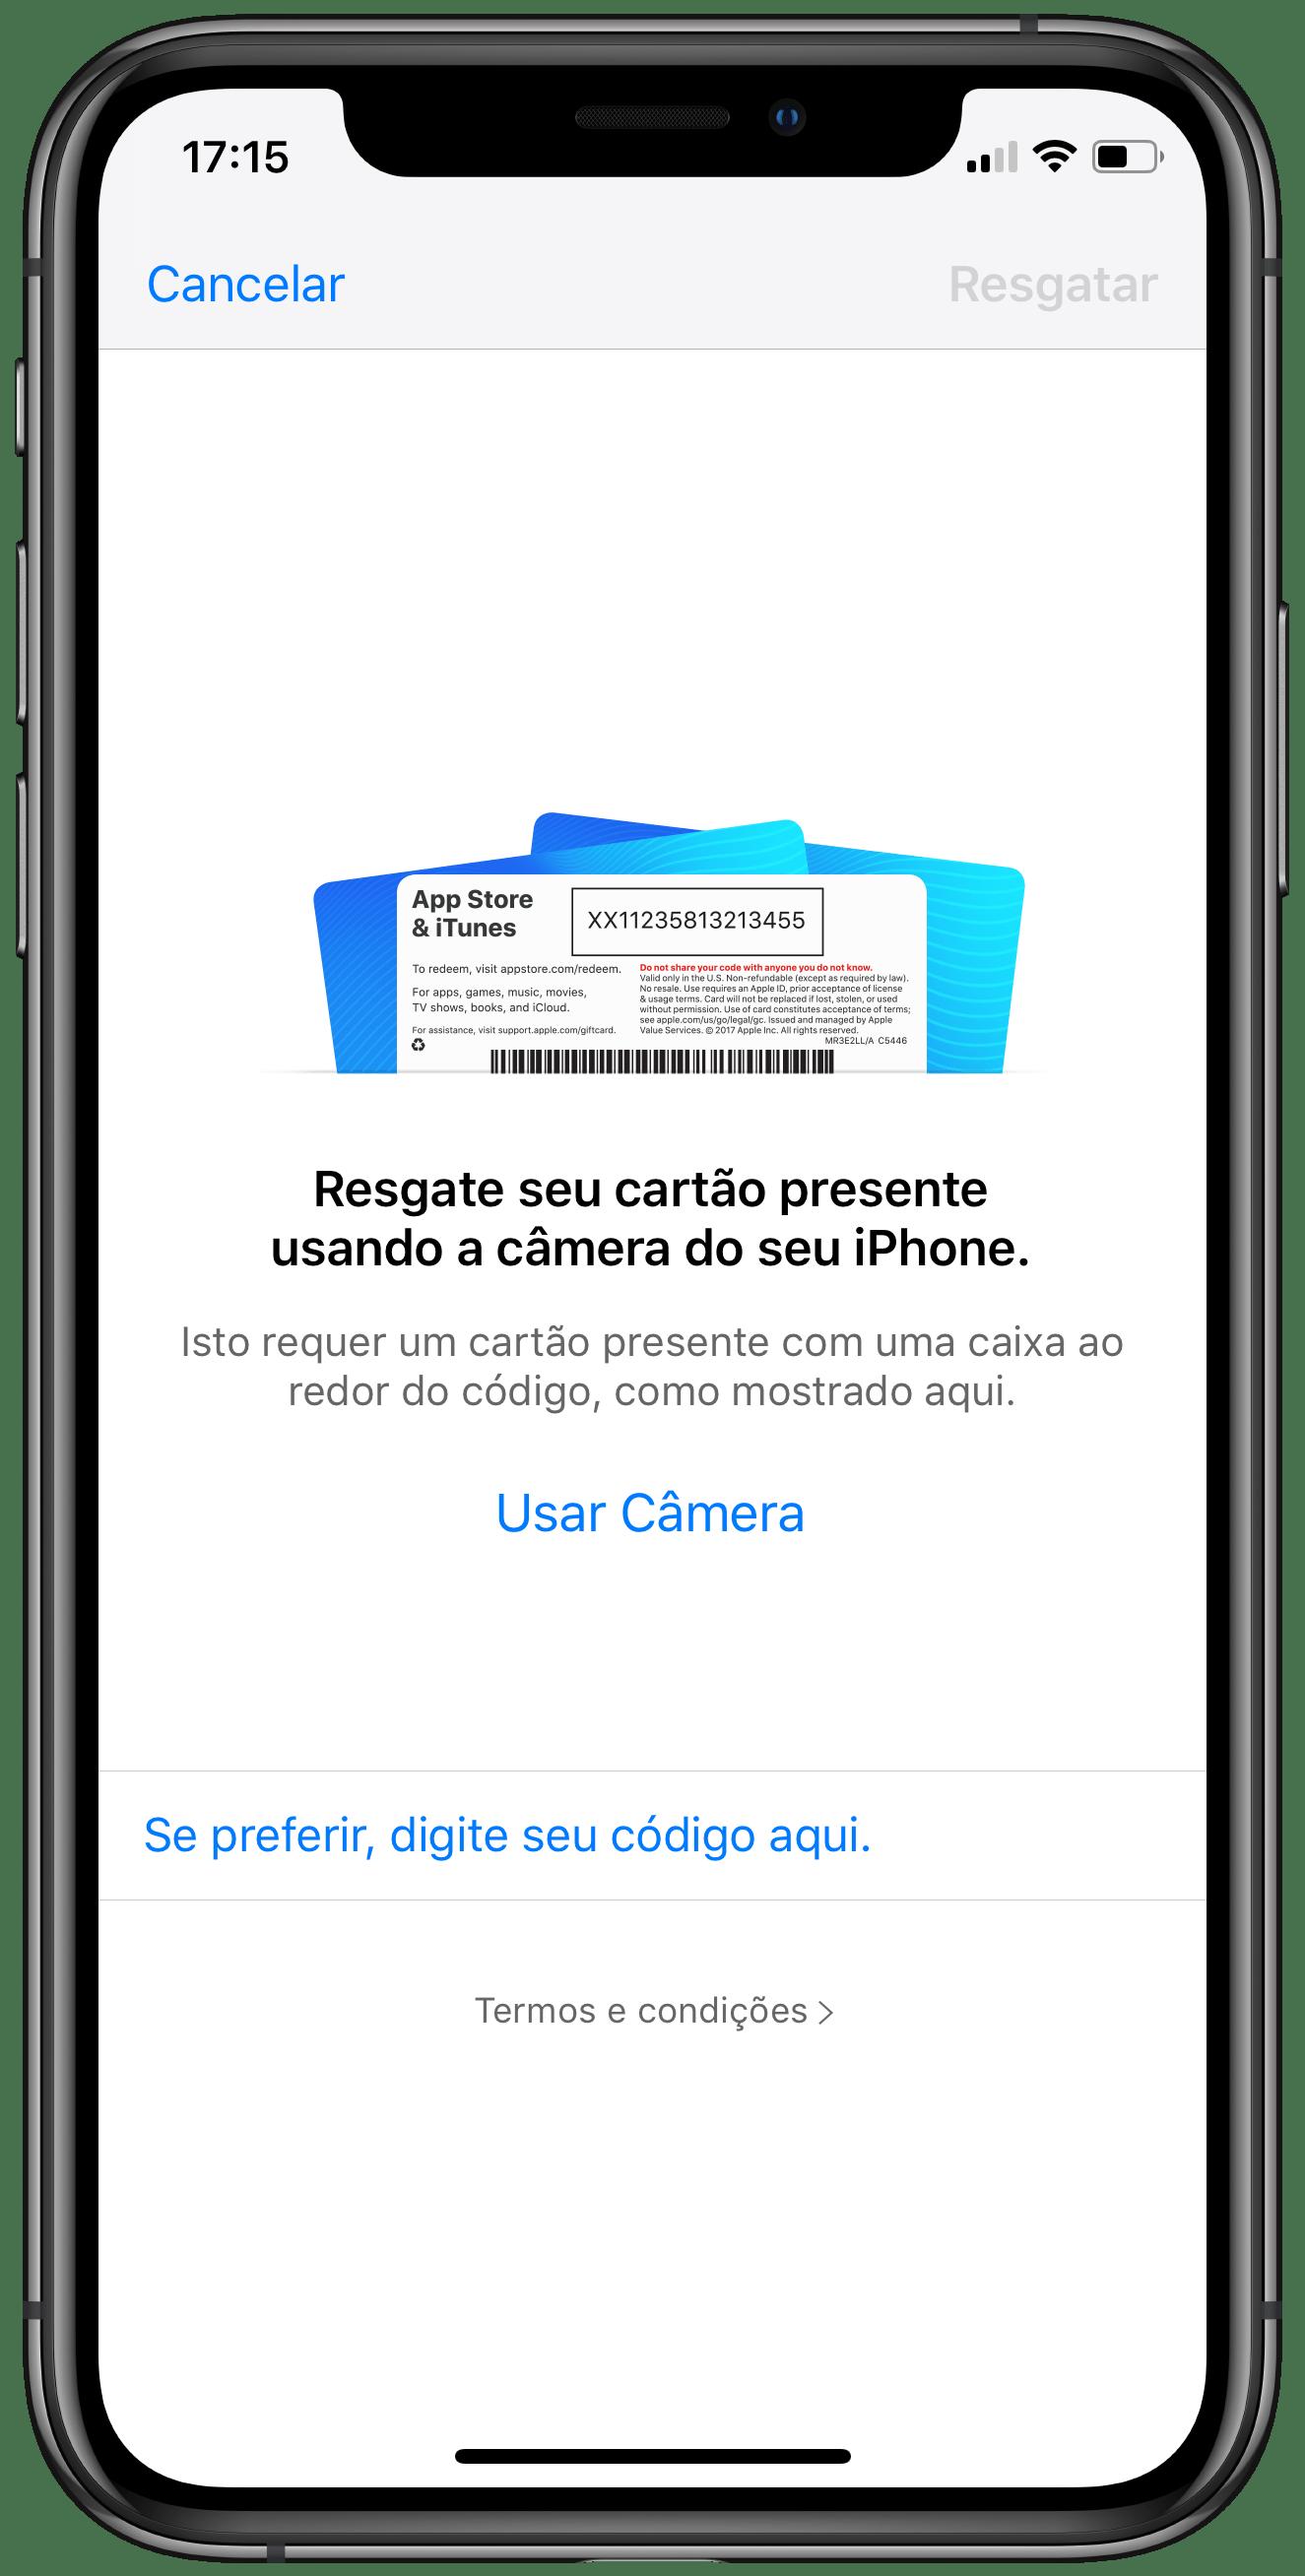 Regatar cartão-presente no iOS